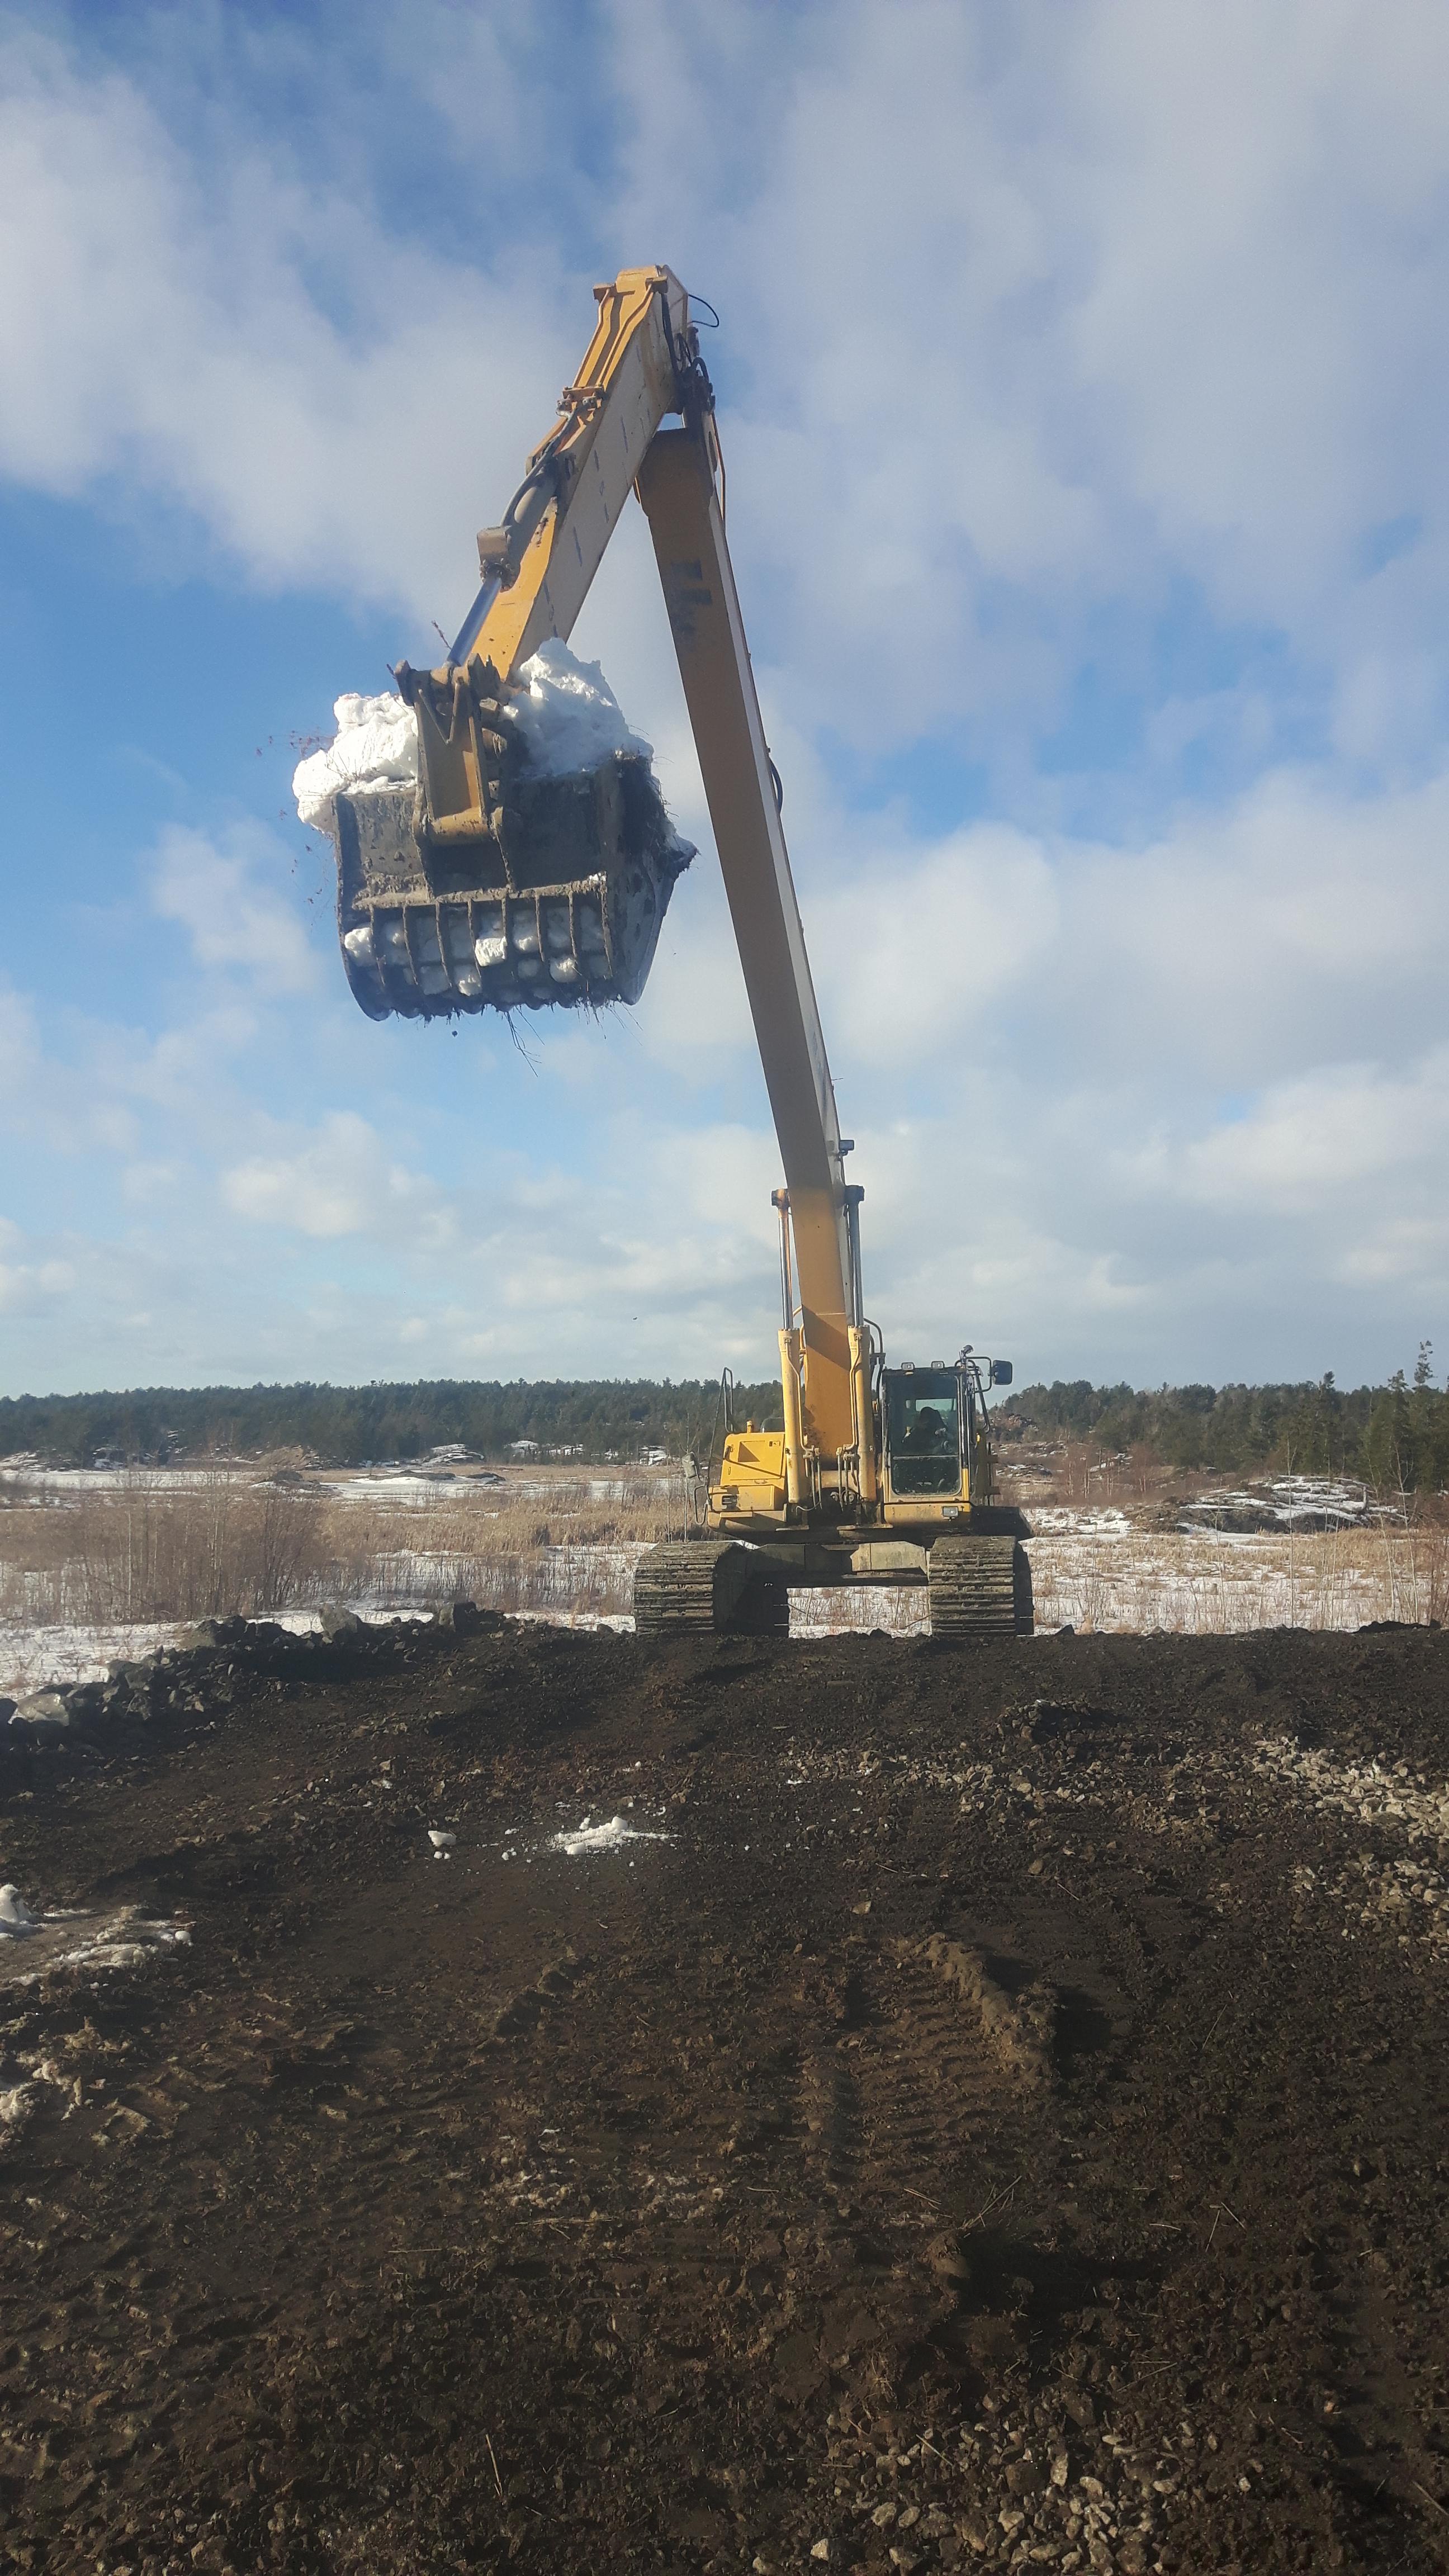 large excavator preparing construction site